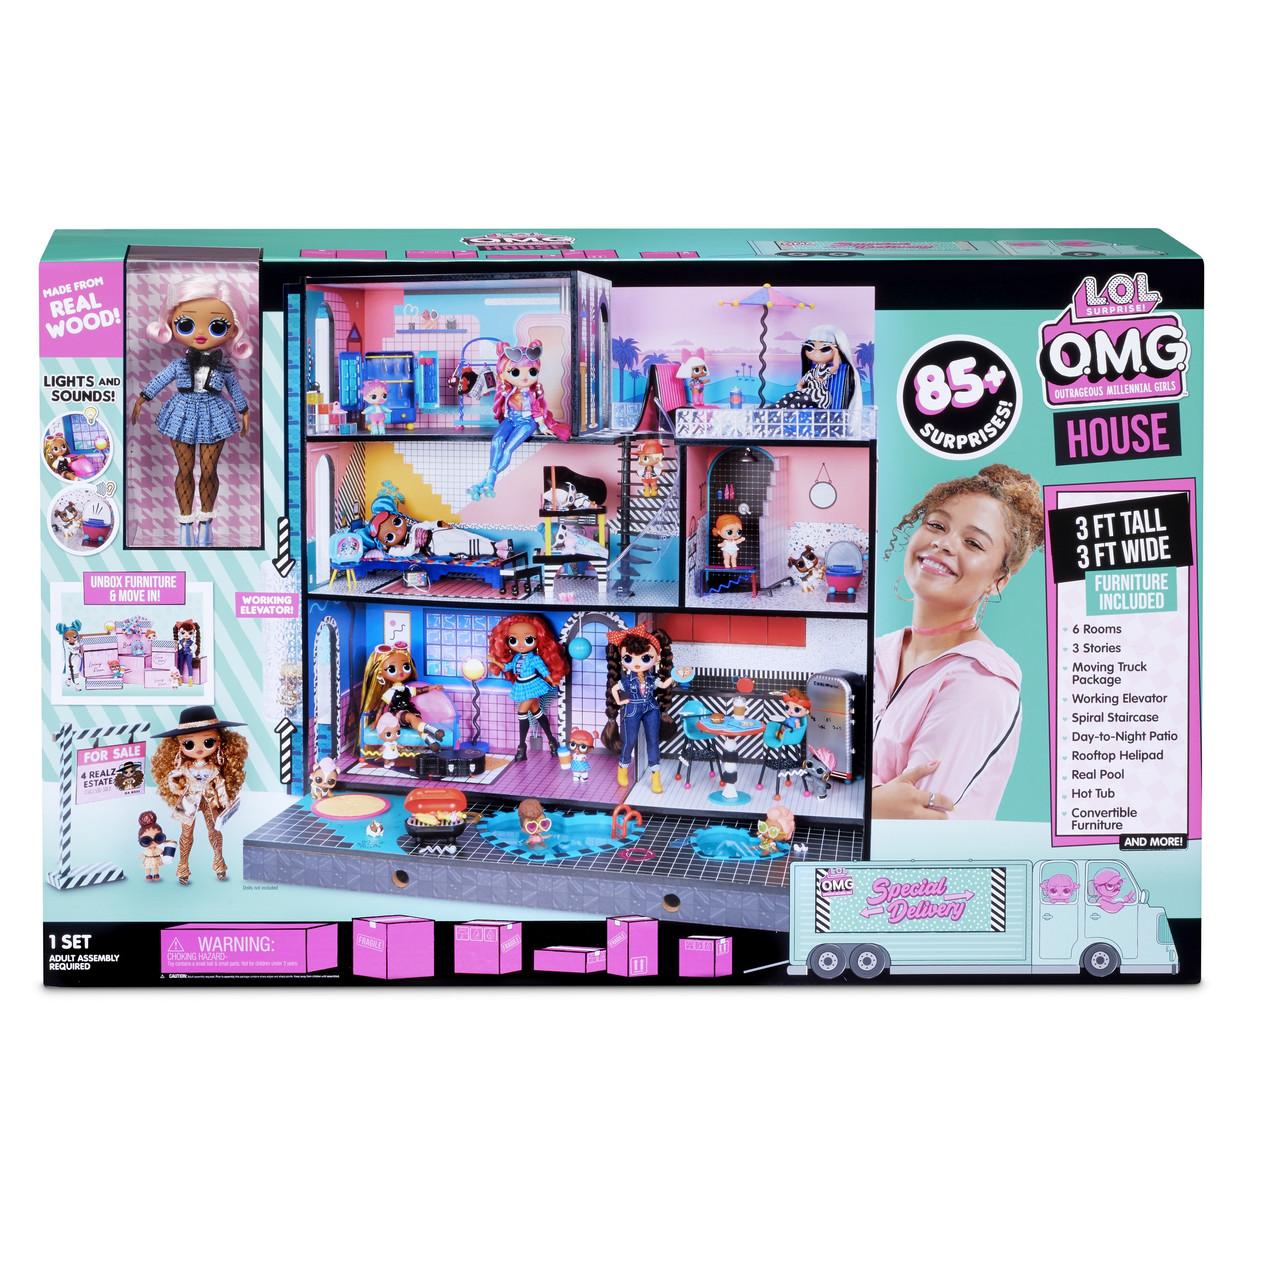 Модный дом лол особняк с большой куклой ОМГ Уценка LOL Surprise Дом для кукол ЛОЛ OMG House New Real Wood Doll